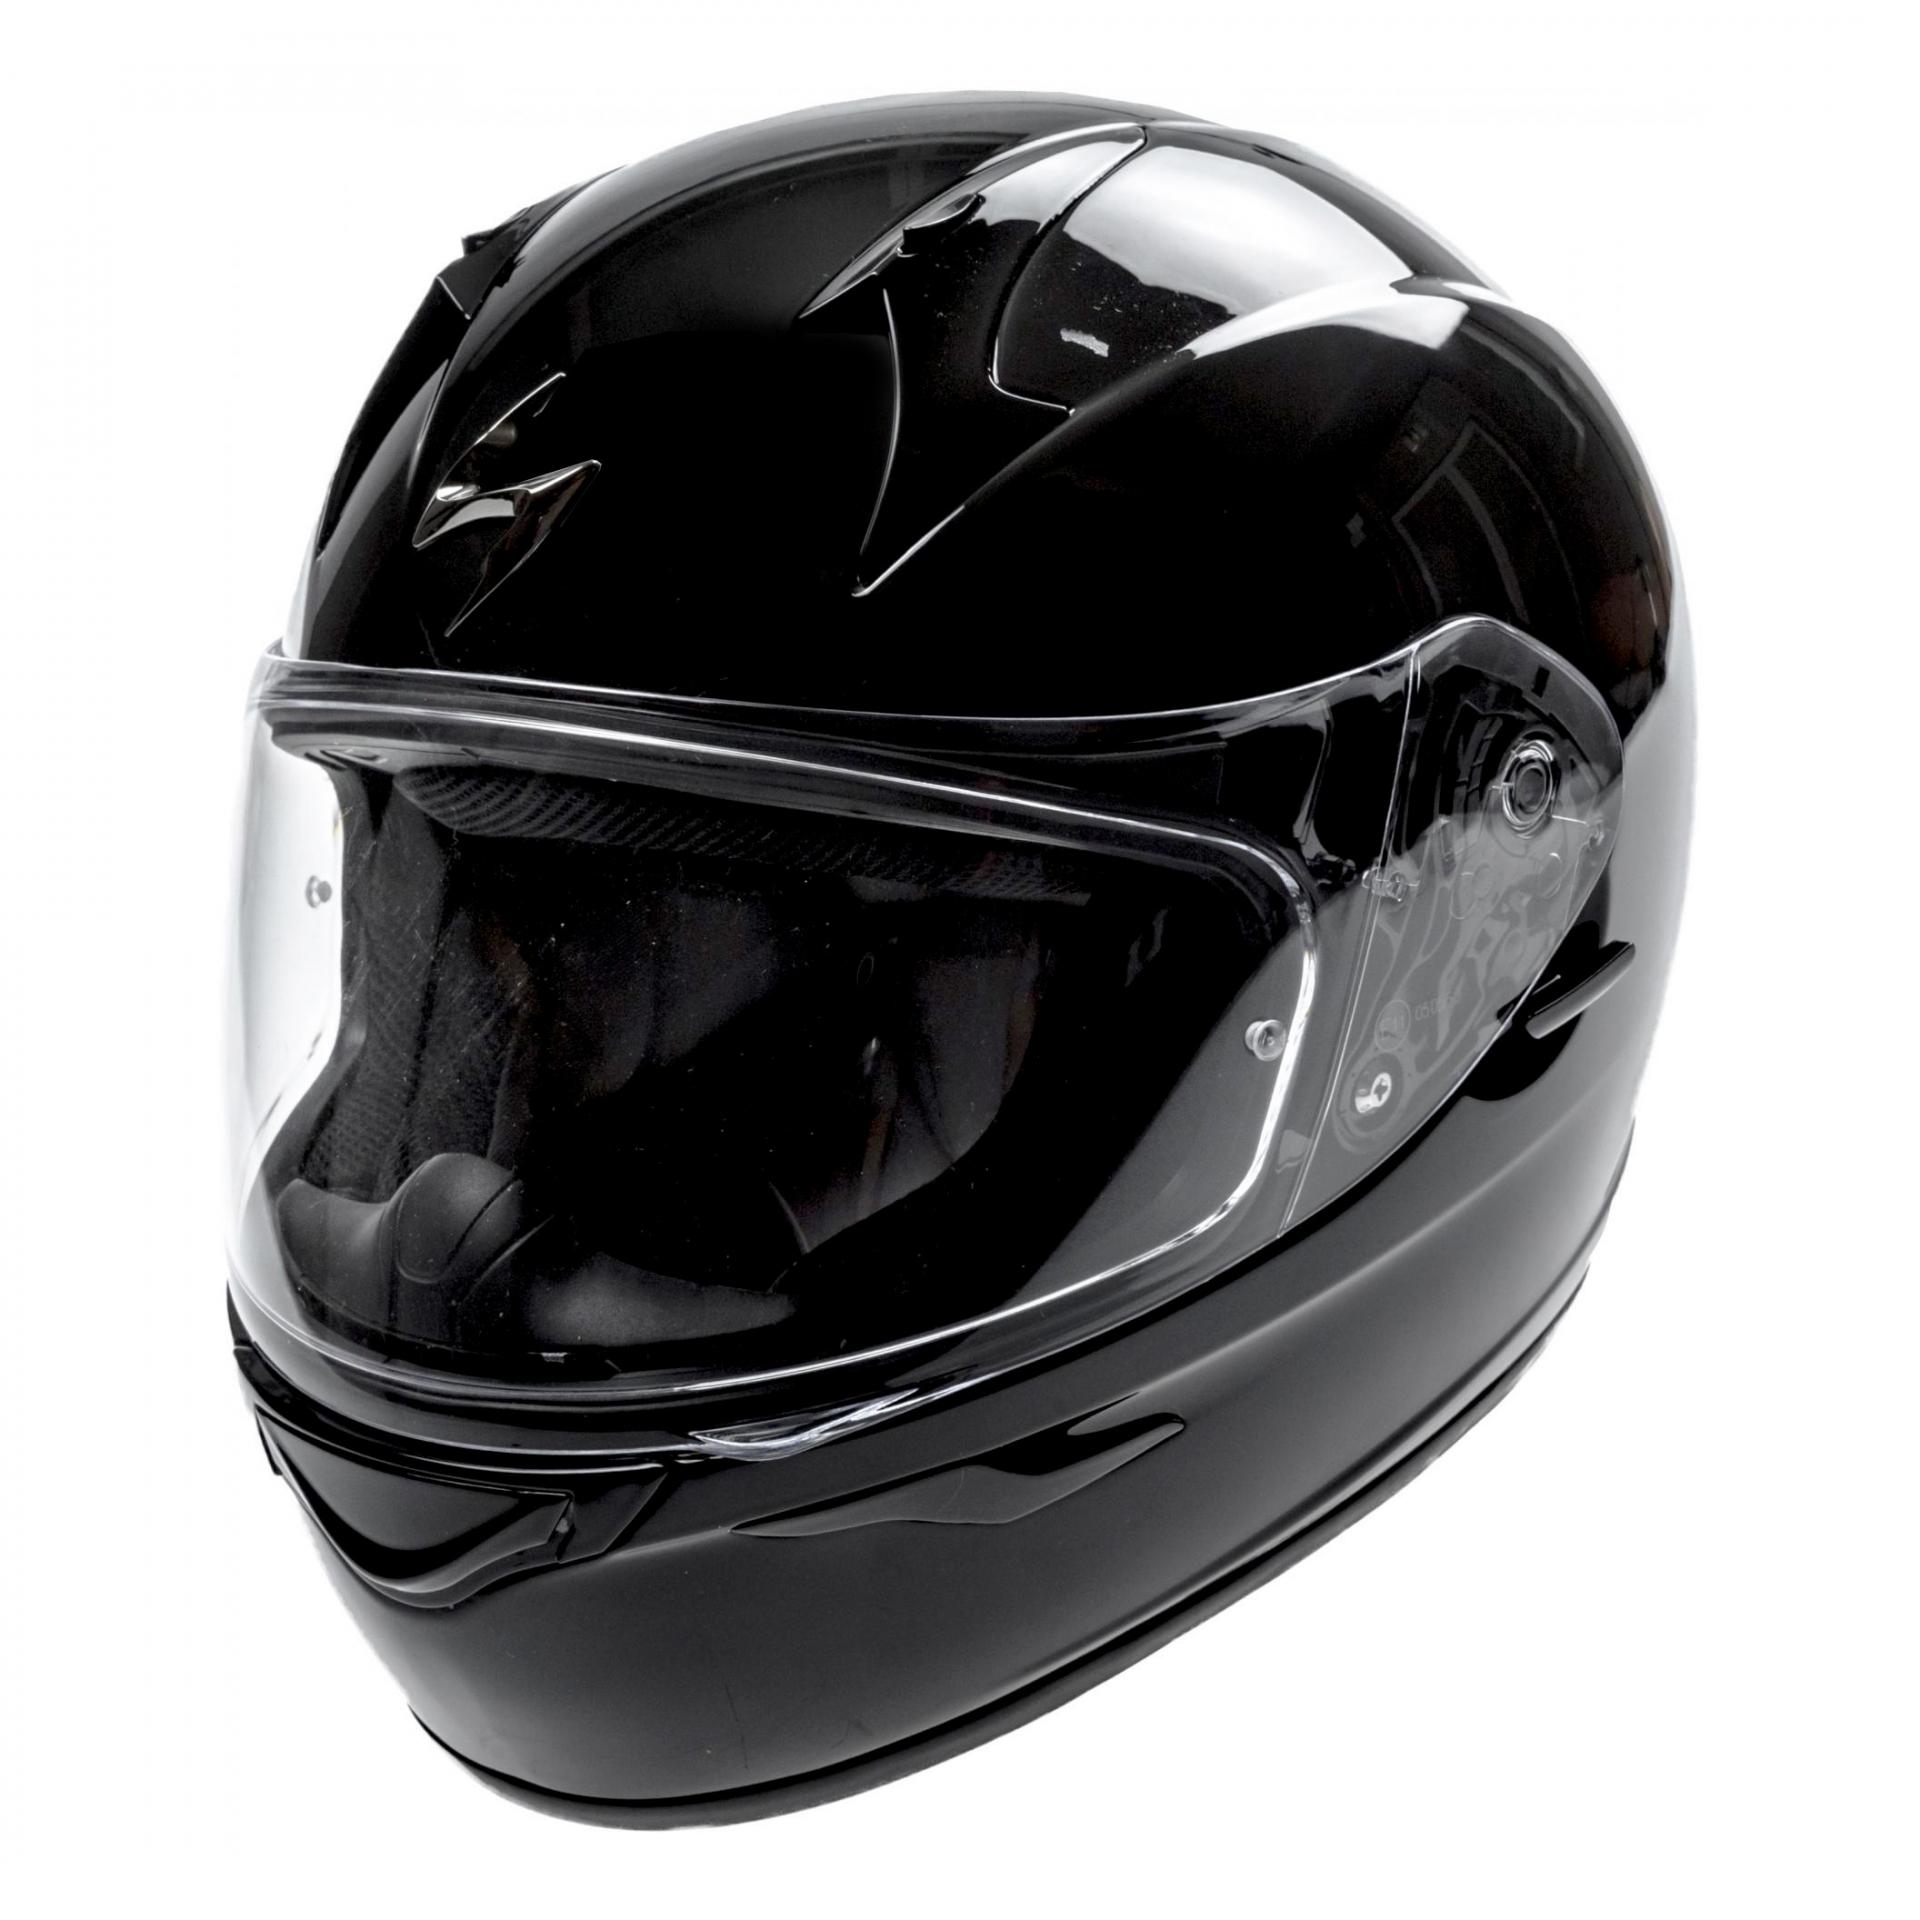 Casque intégral Scorpion EXO-390 noir - L